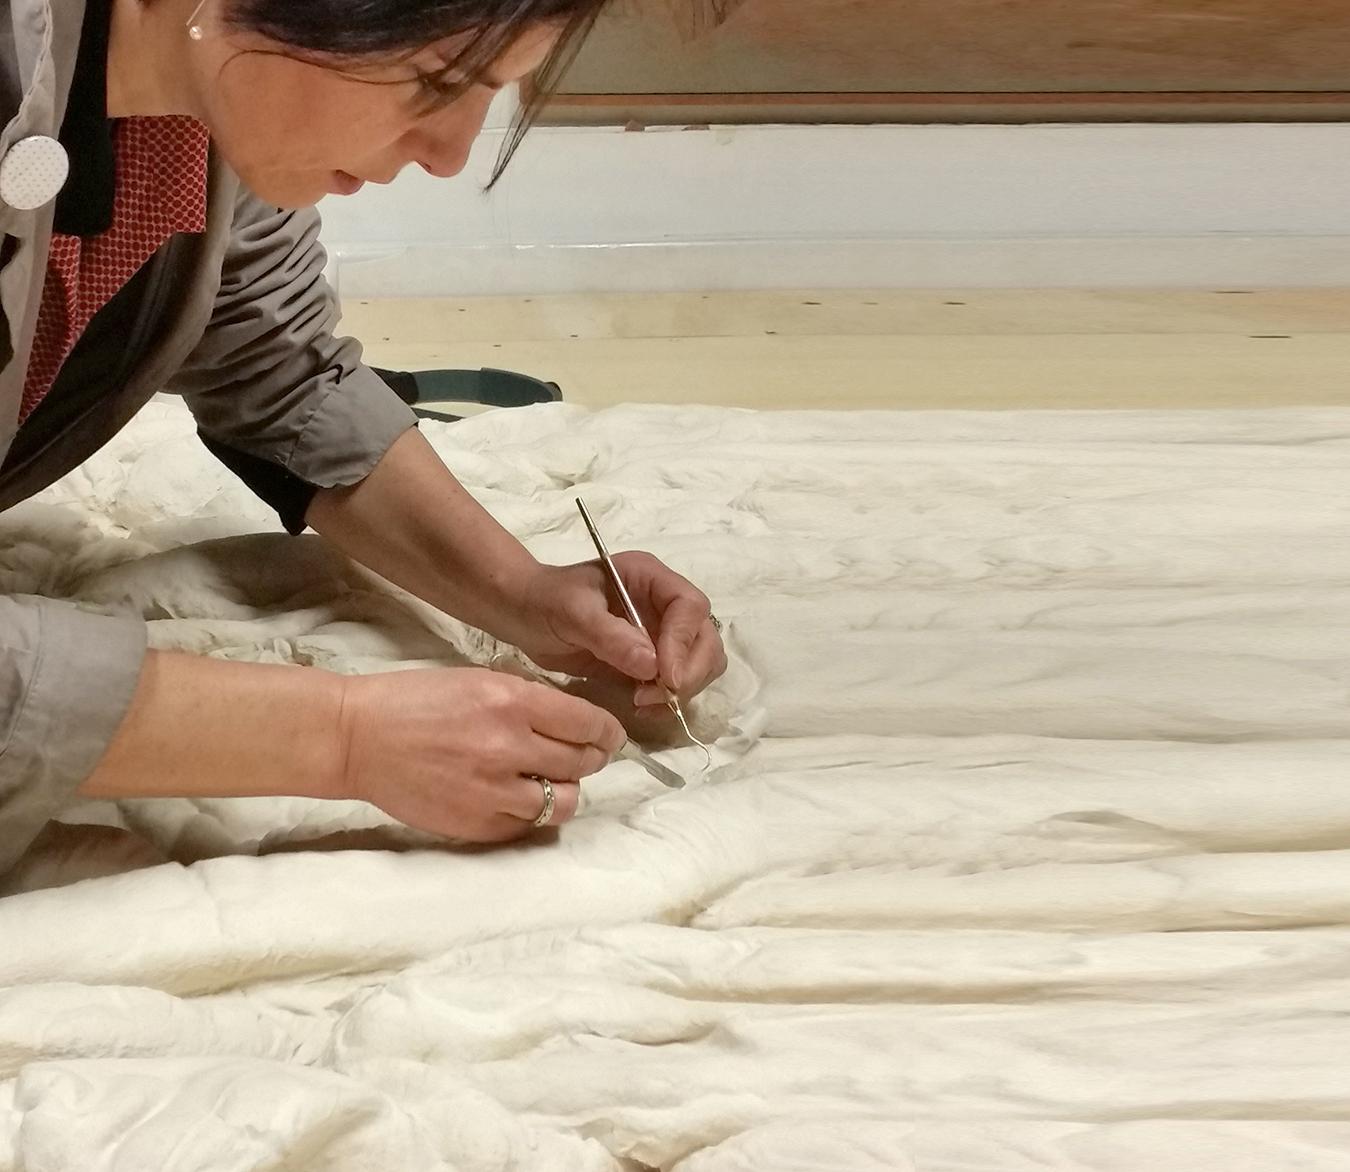 laura-menegotto-painting-restorers-milano-thumbnail